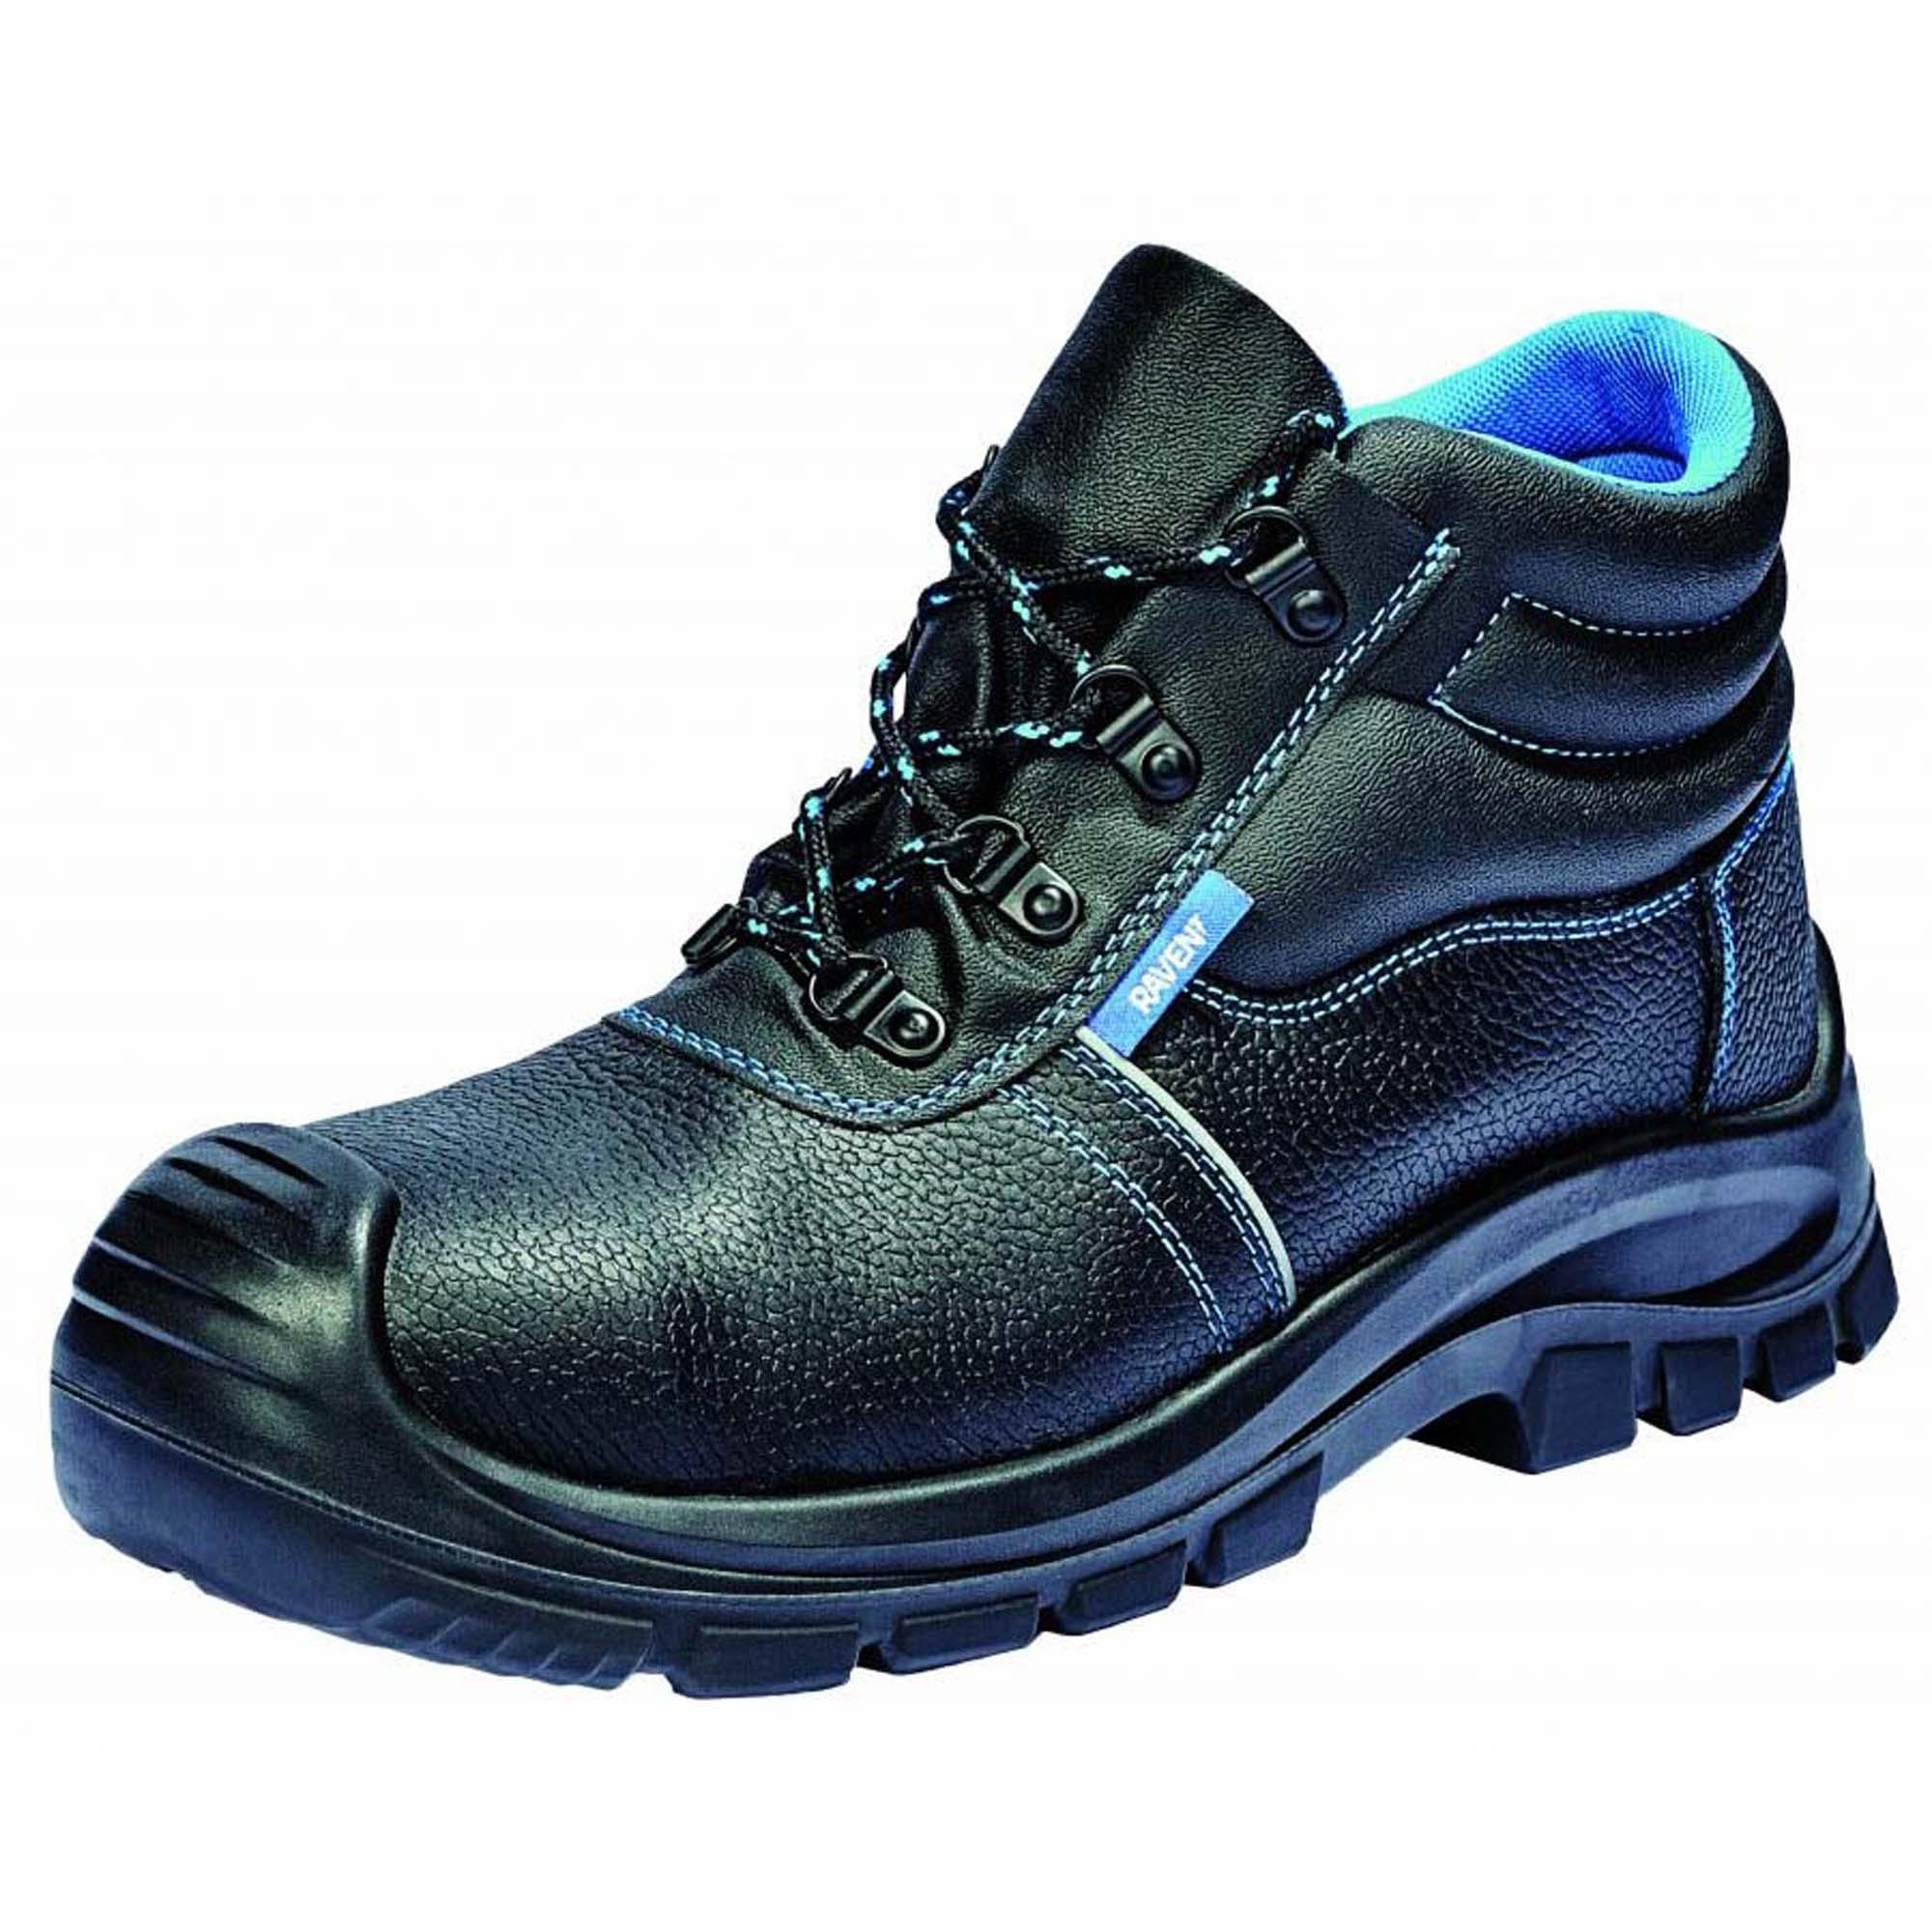 Cipele RAVEN S1 plitke sa čeličnom kapom